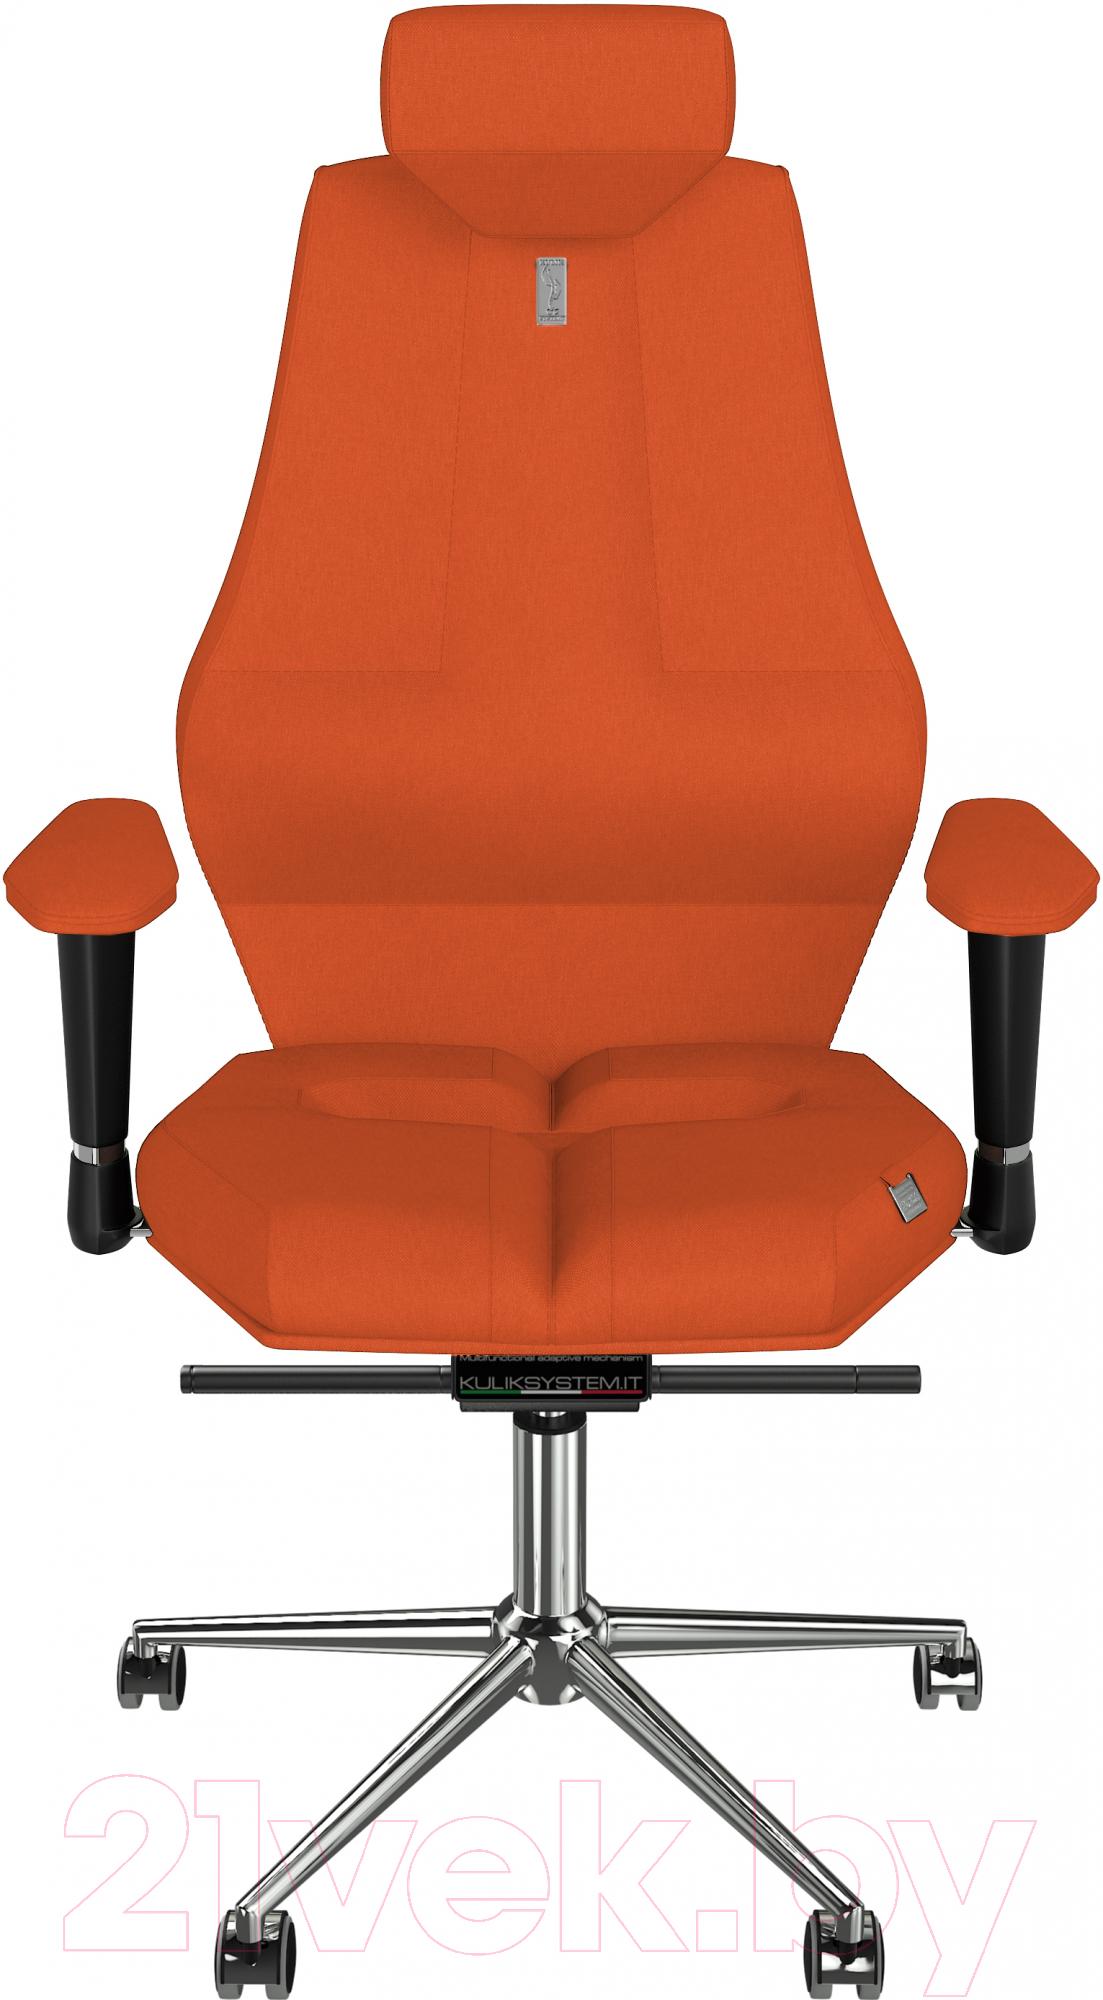 Кресло офисное Kulik System, Nano азур (оранжевый с подголовником), Украина, Nano (Kulik System)  - купить со скидкой